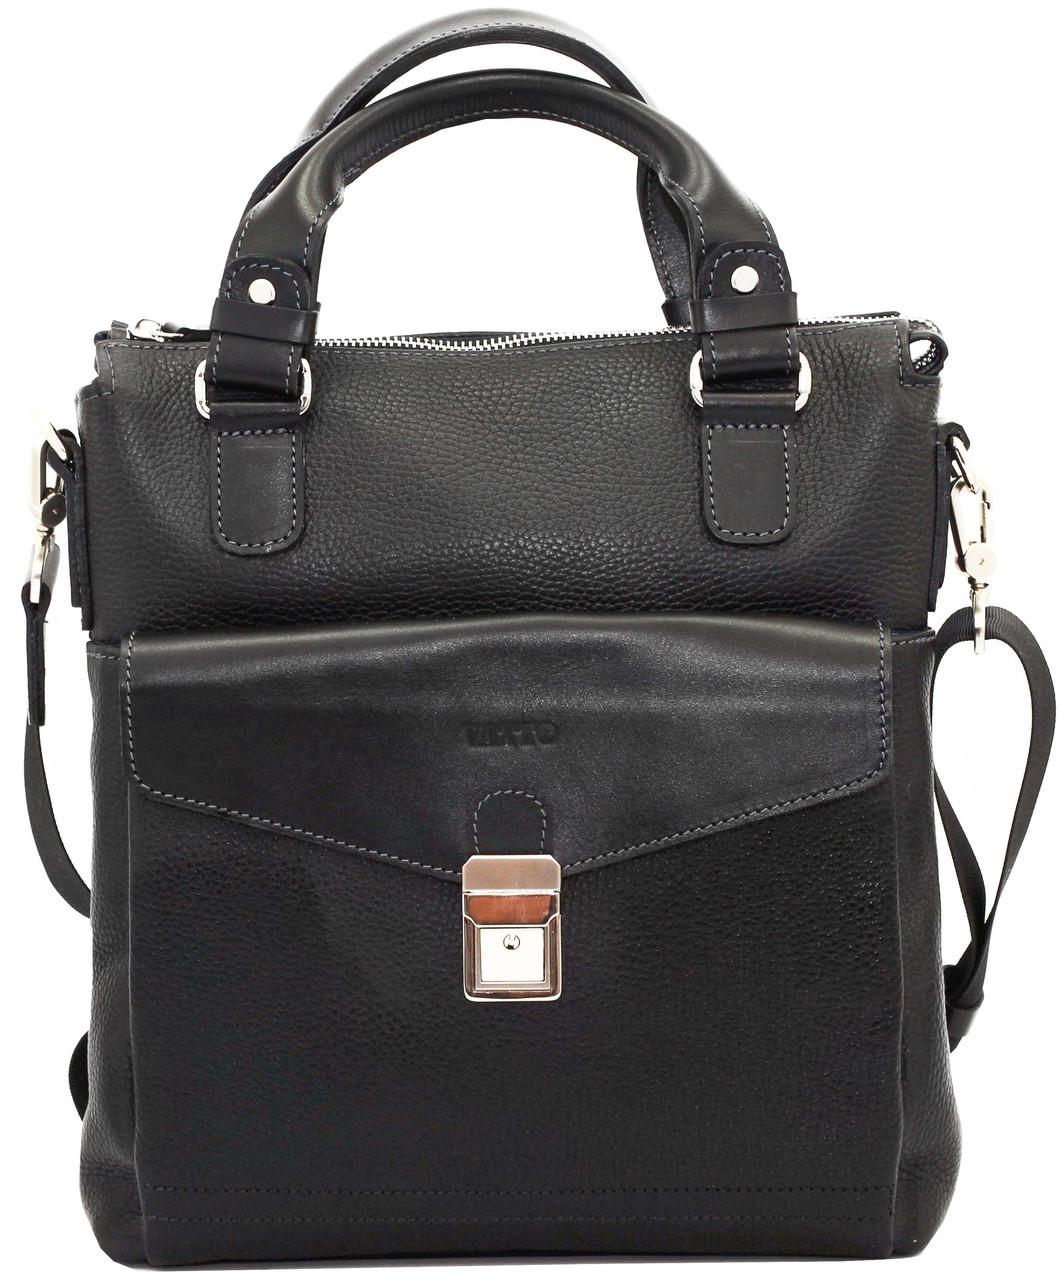 6d0b120a8e88 Мужская кожаная сумка VATTO Mk-41.3 FL8Kаz1 черная - Интернет-магазин